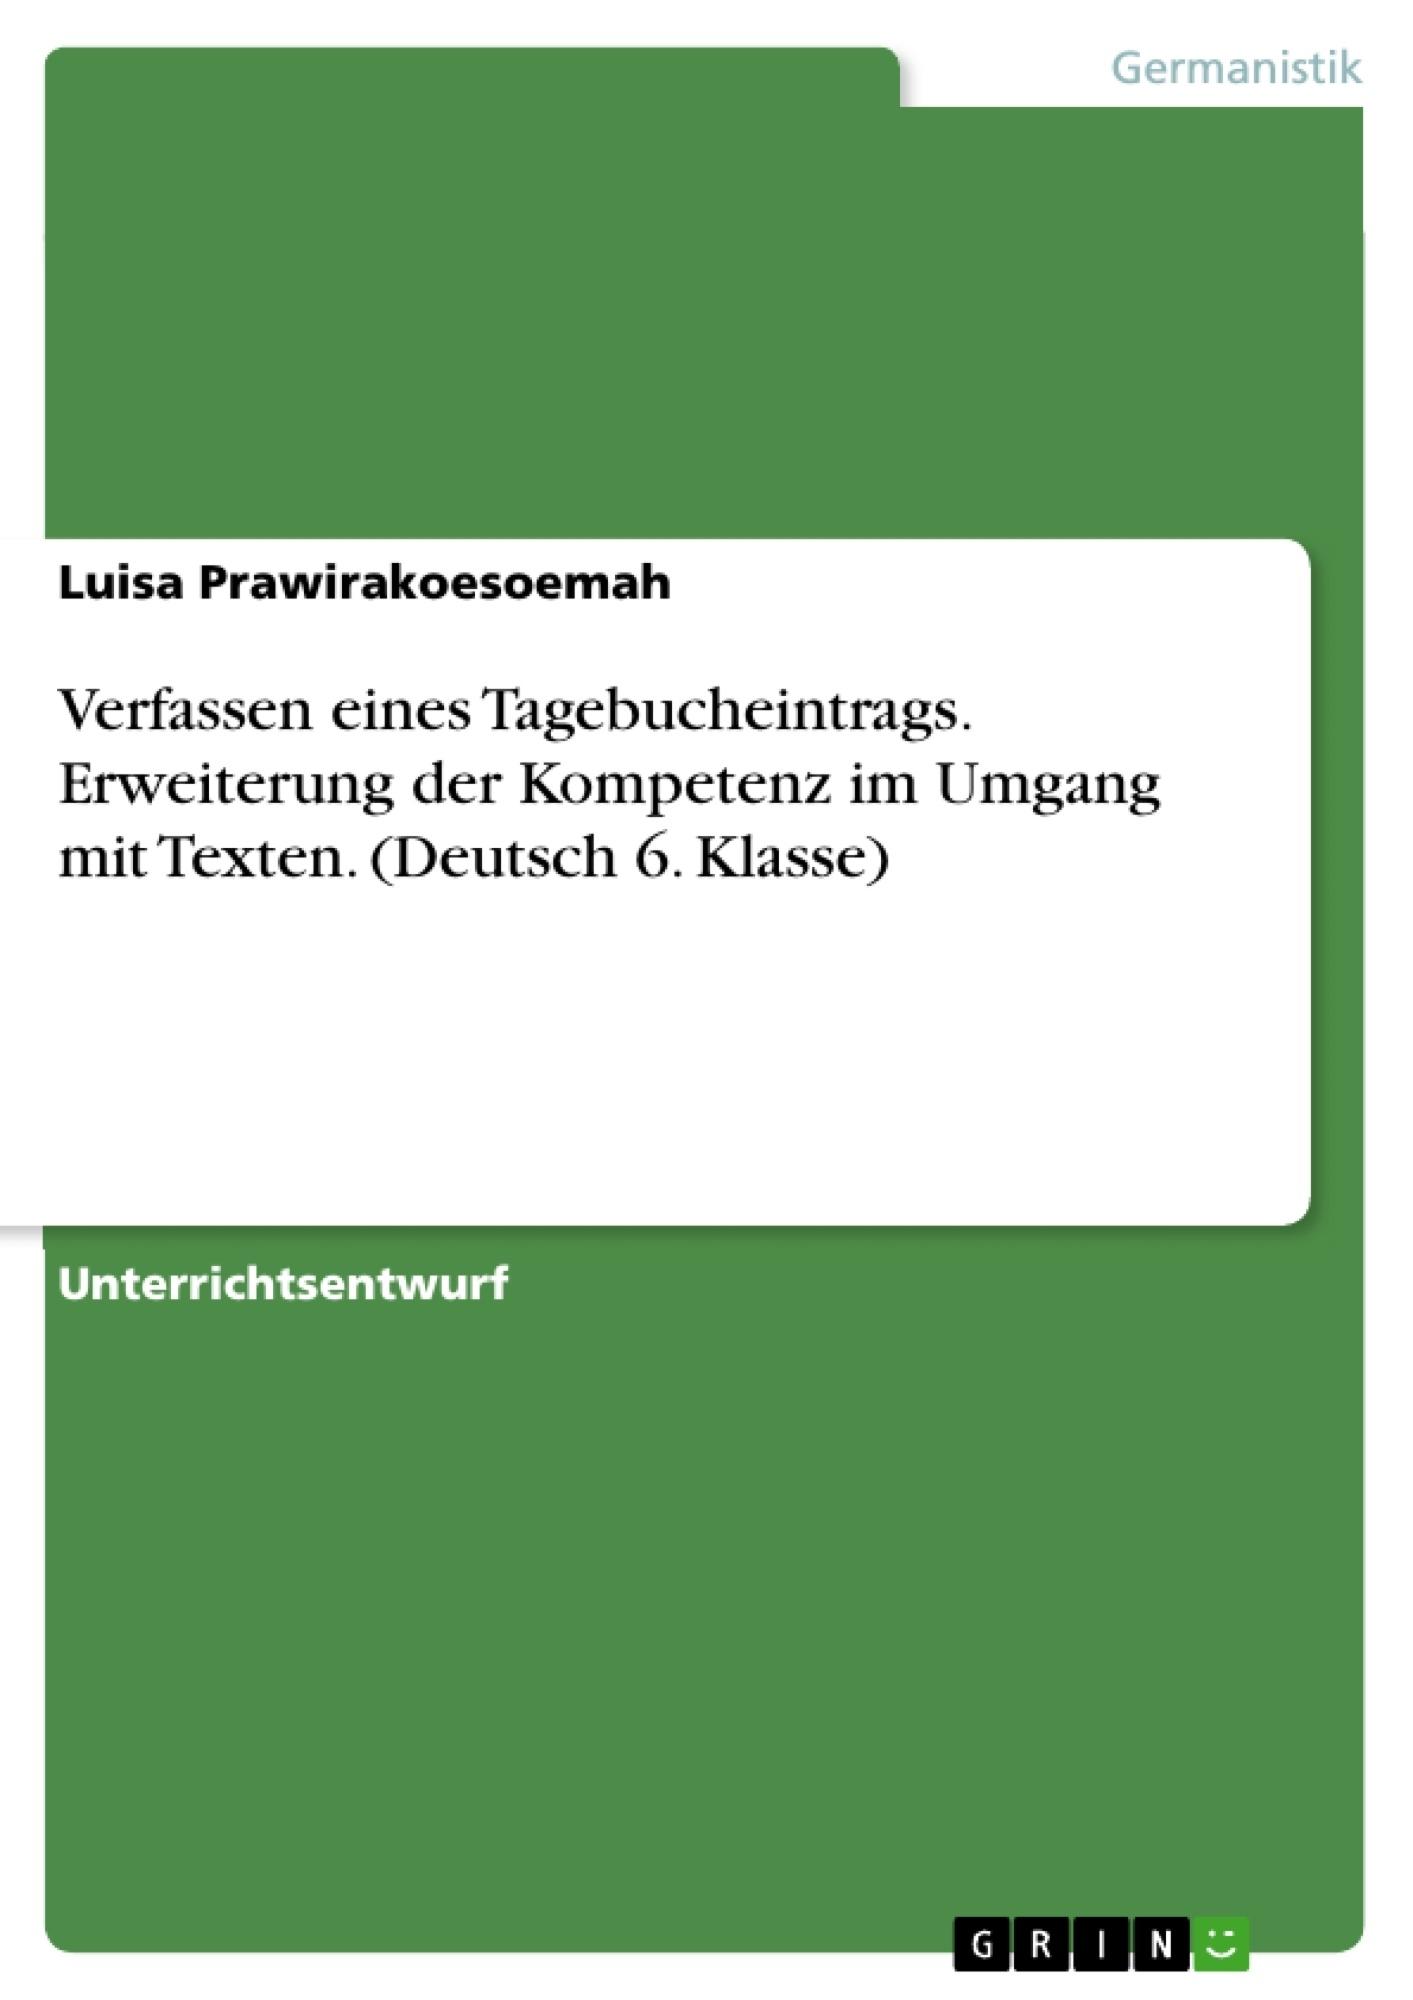 Titel: Verfassen eines Tagebucheintrags. Erweiterung der Kompetenz im Umgang mit Texten. (Deutsch 6. Klasse)